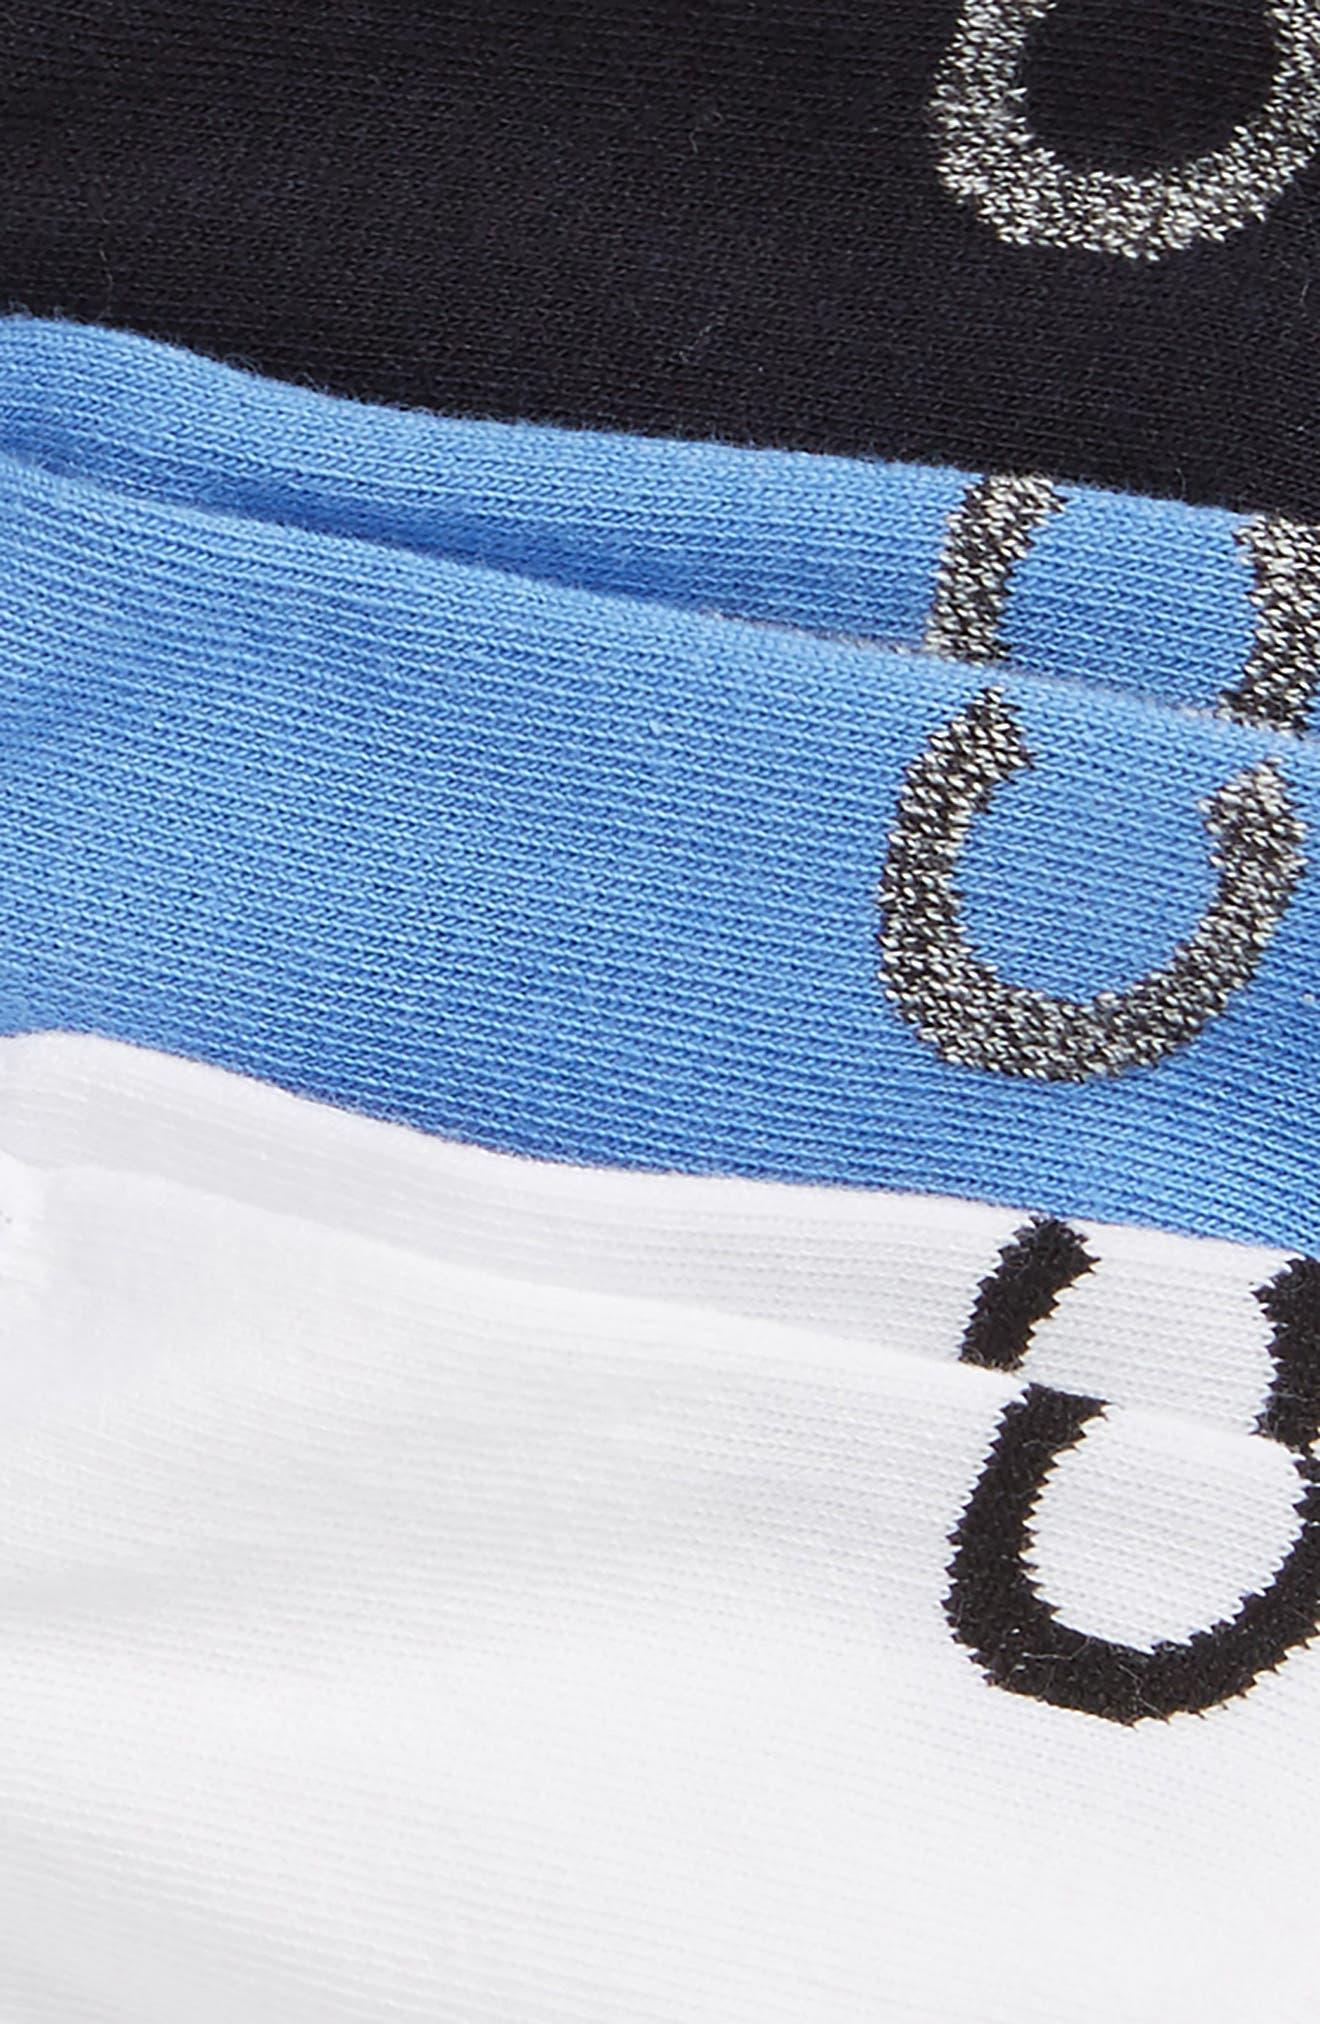 3-Pack No-Show Socks,                             Alternate thumbnail 2, color,                             ULTRAMARINE/ NAVY/ WHITE